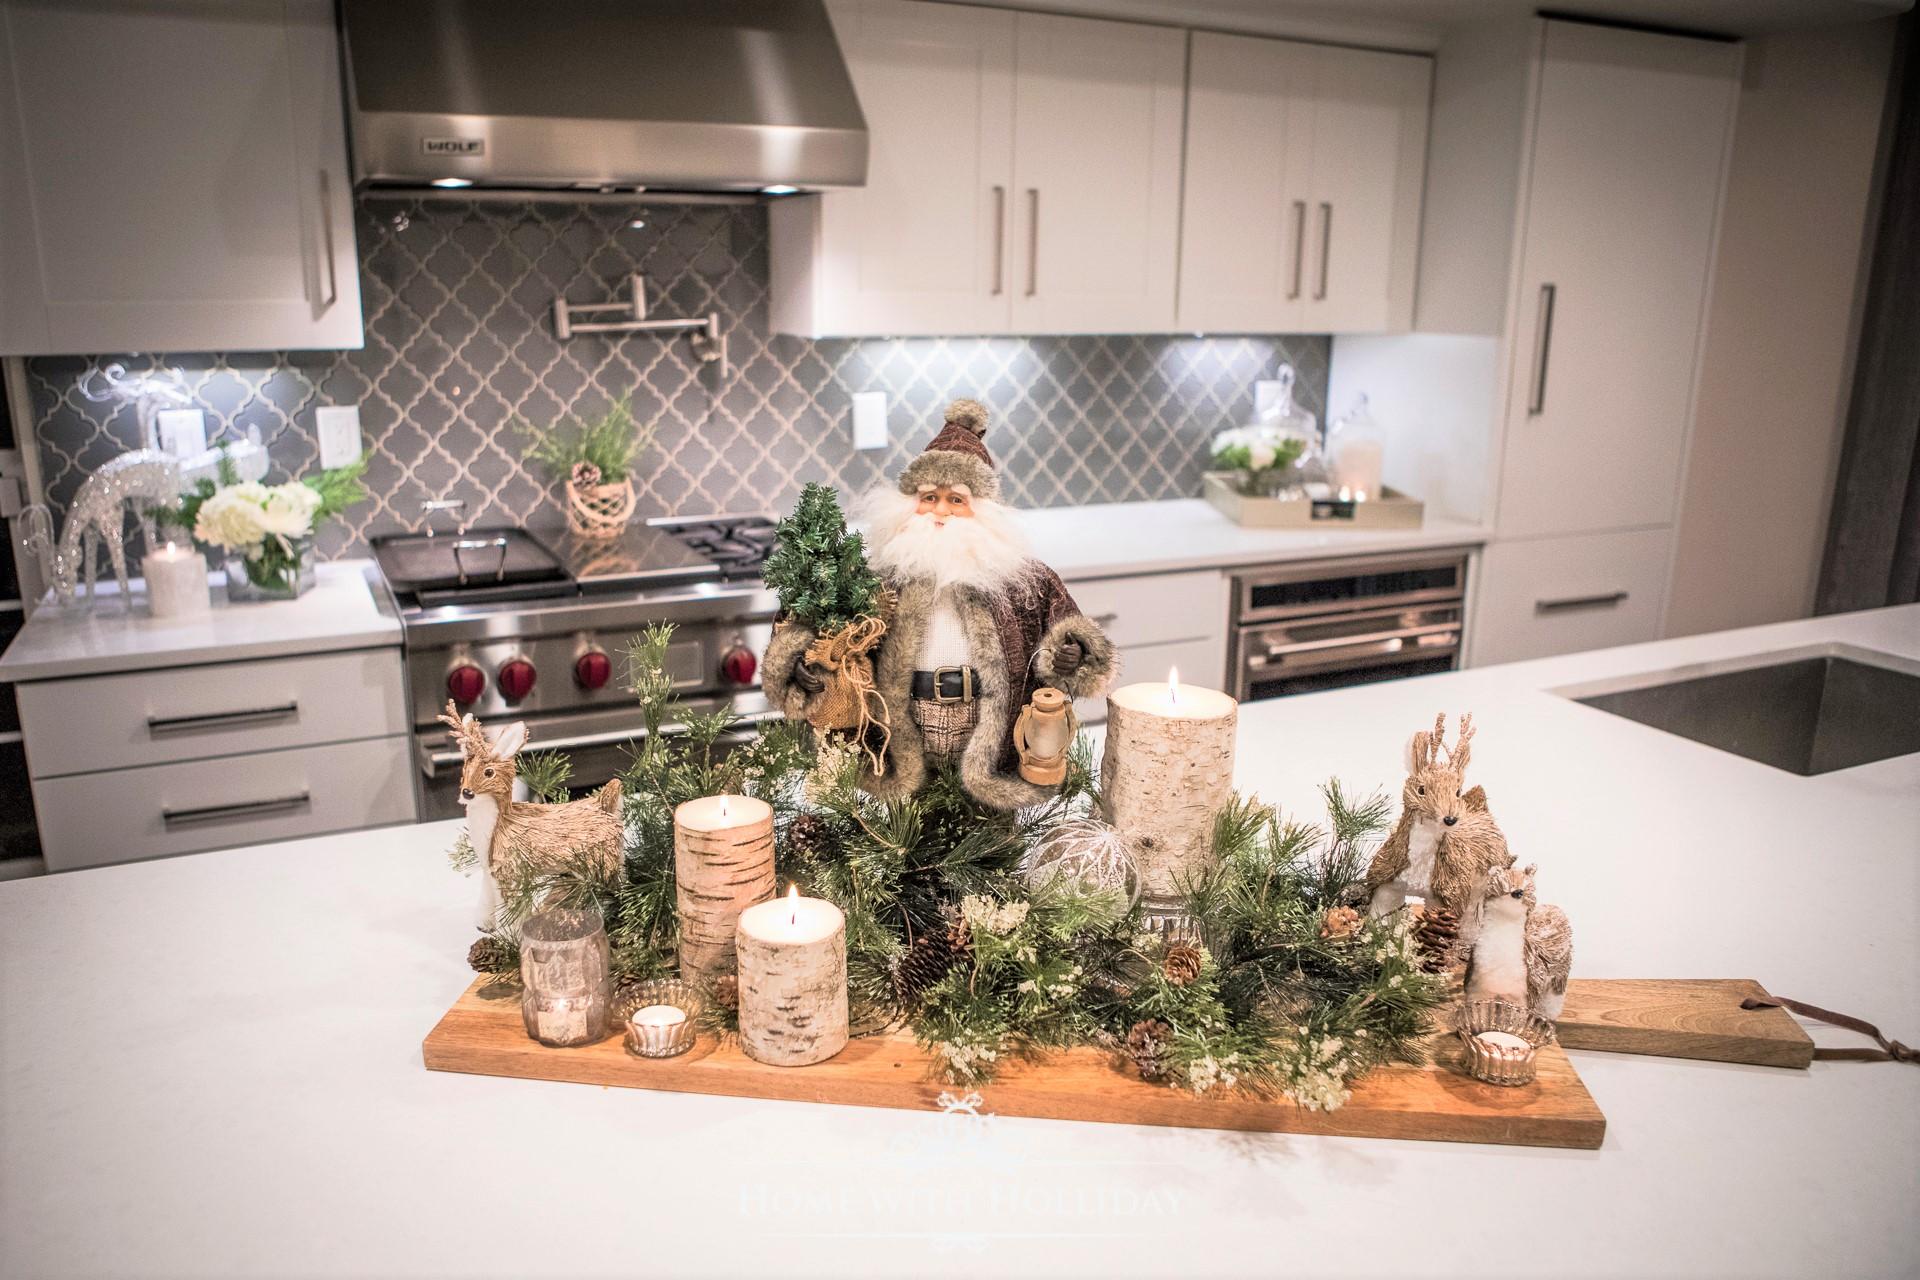 Christmas Home Tour 2017 - Kitchen